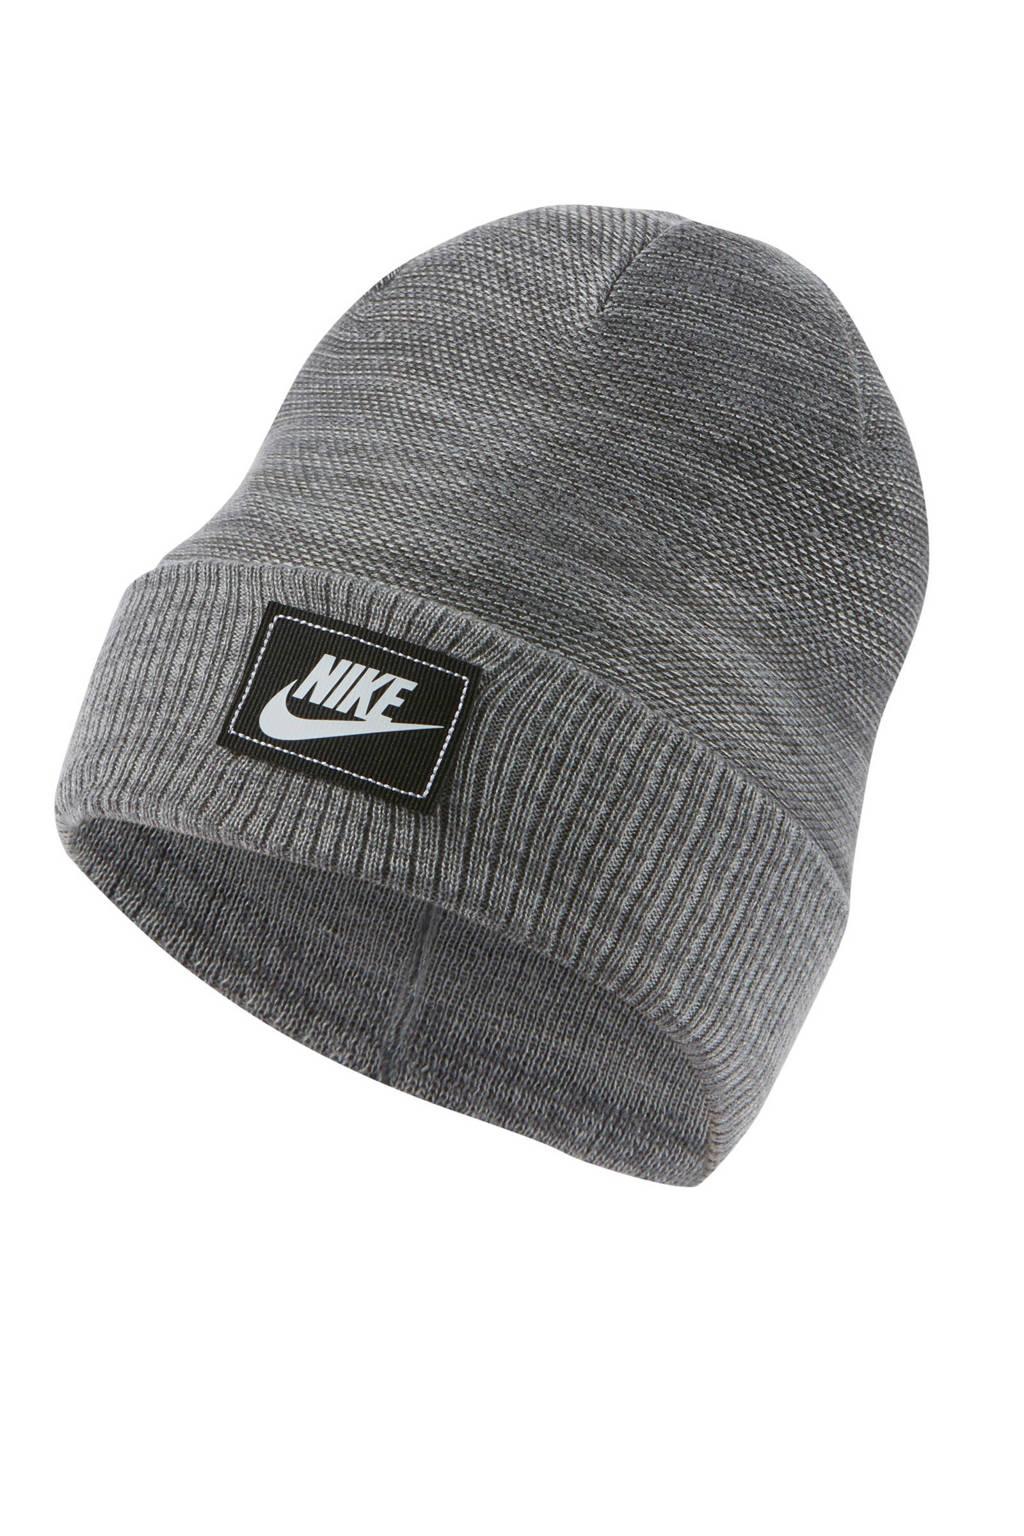 Nike muts grijs, Grijs